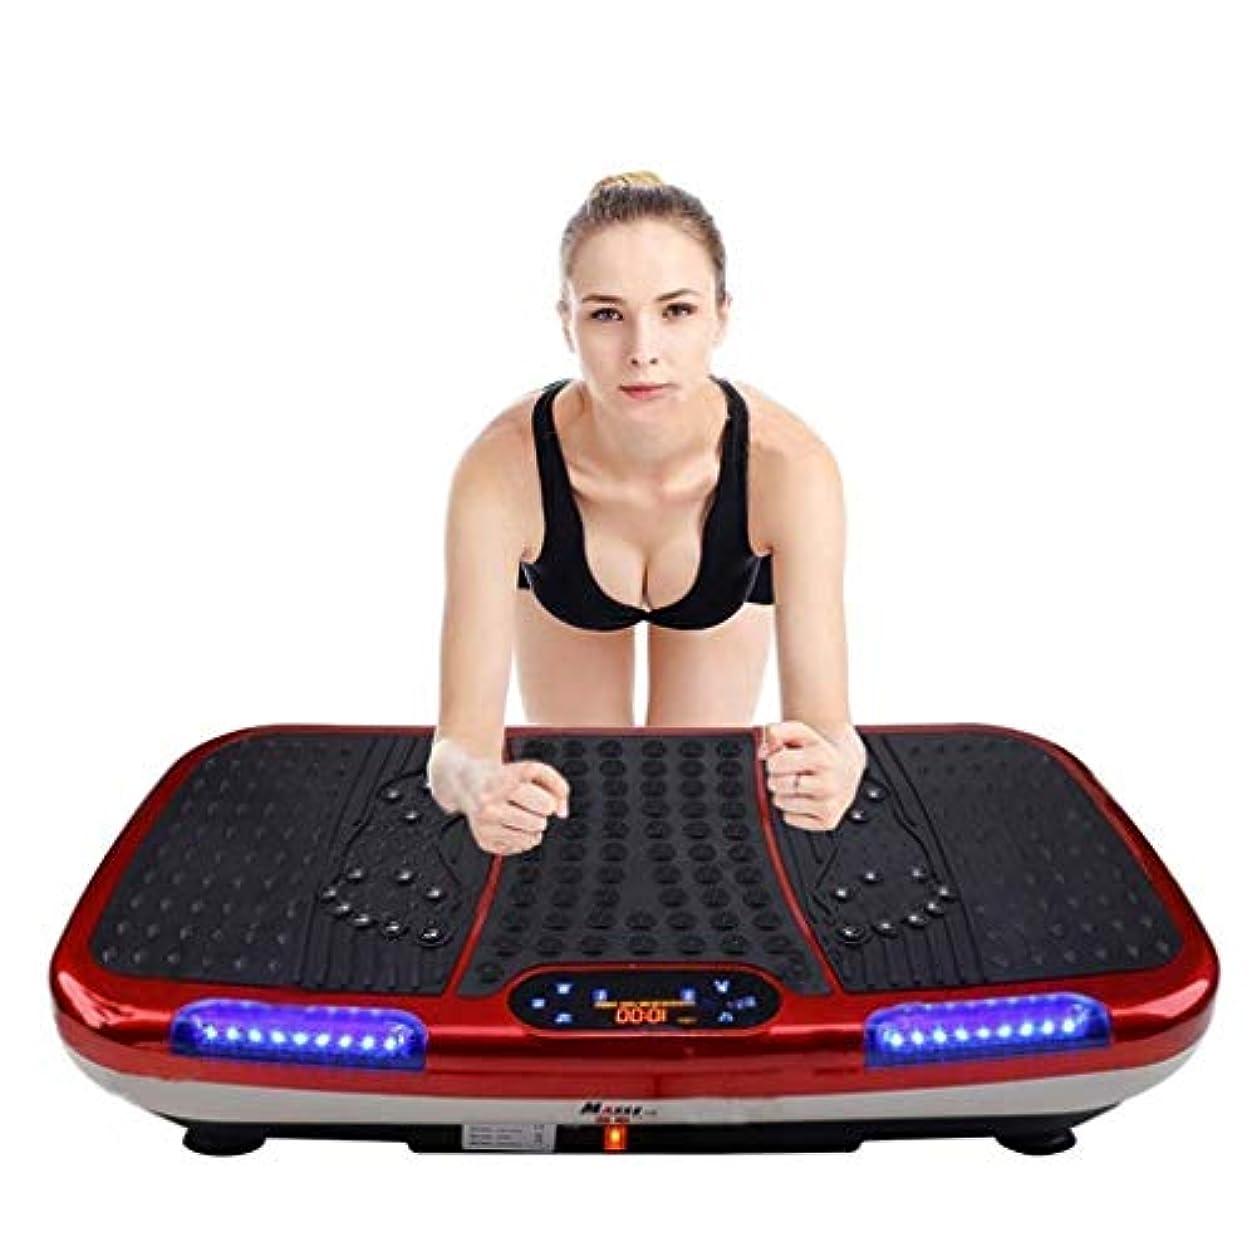 五パラナ川均等に減量装置、全身フィットネス振動トレーナー、Bluetooth音楽スピーカー、過剰な脂肪を減らすホームジム